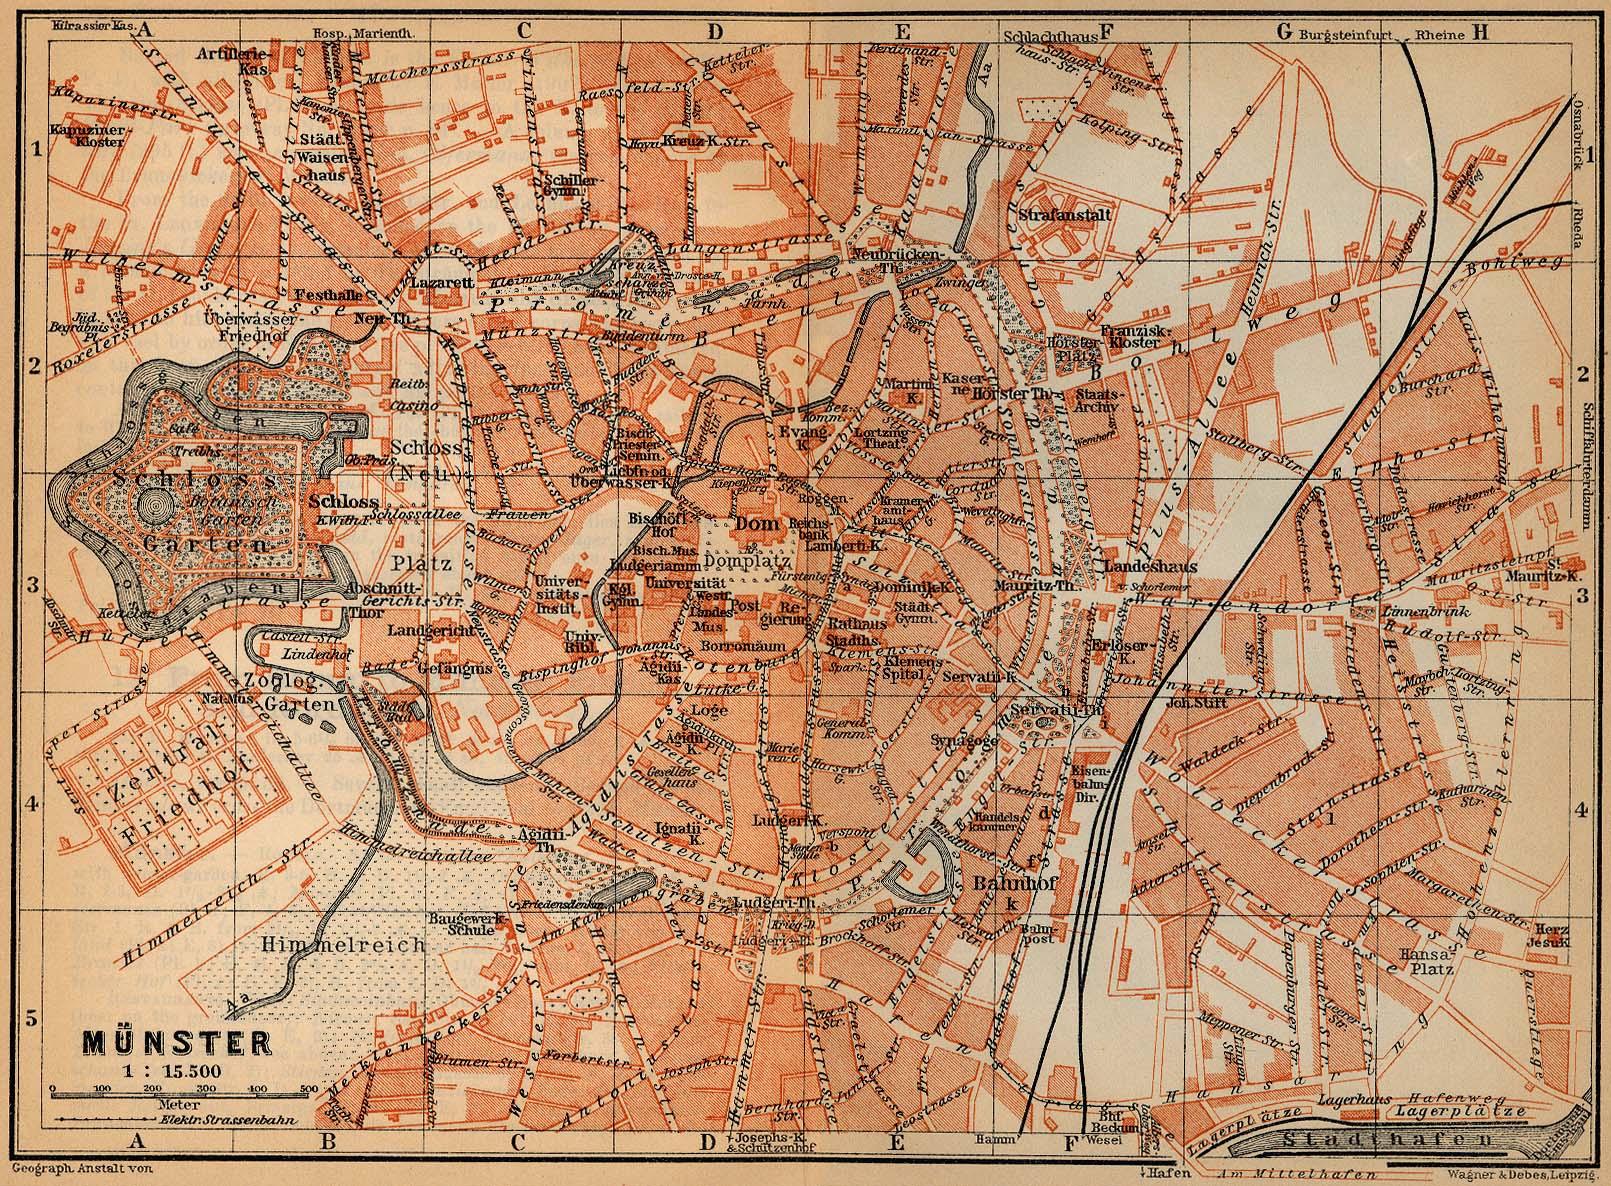 Mapa de Münster, Alemania 1910